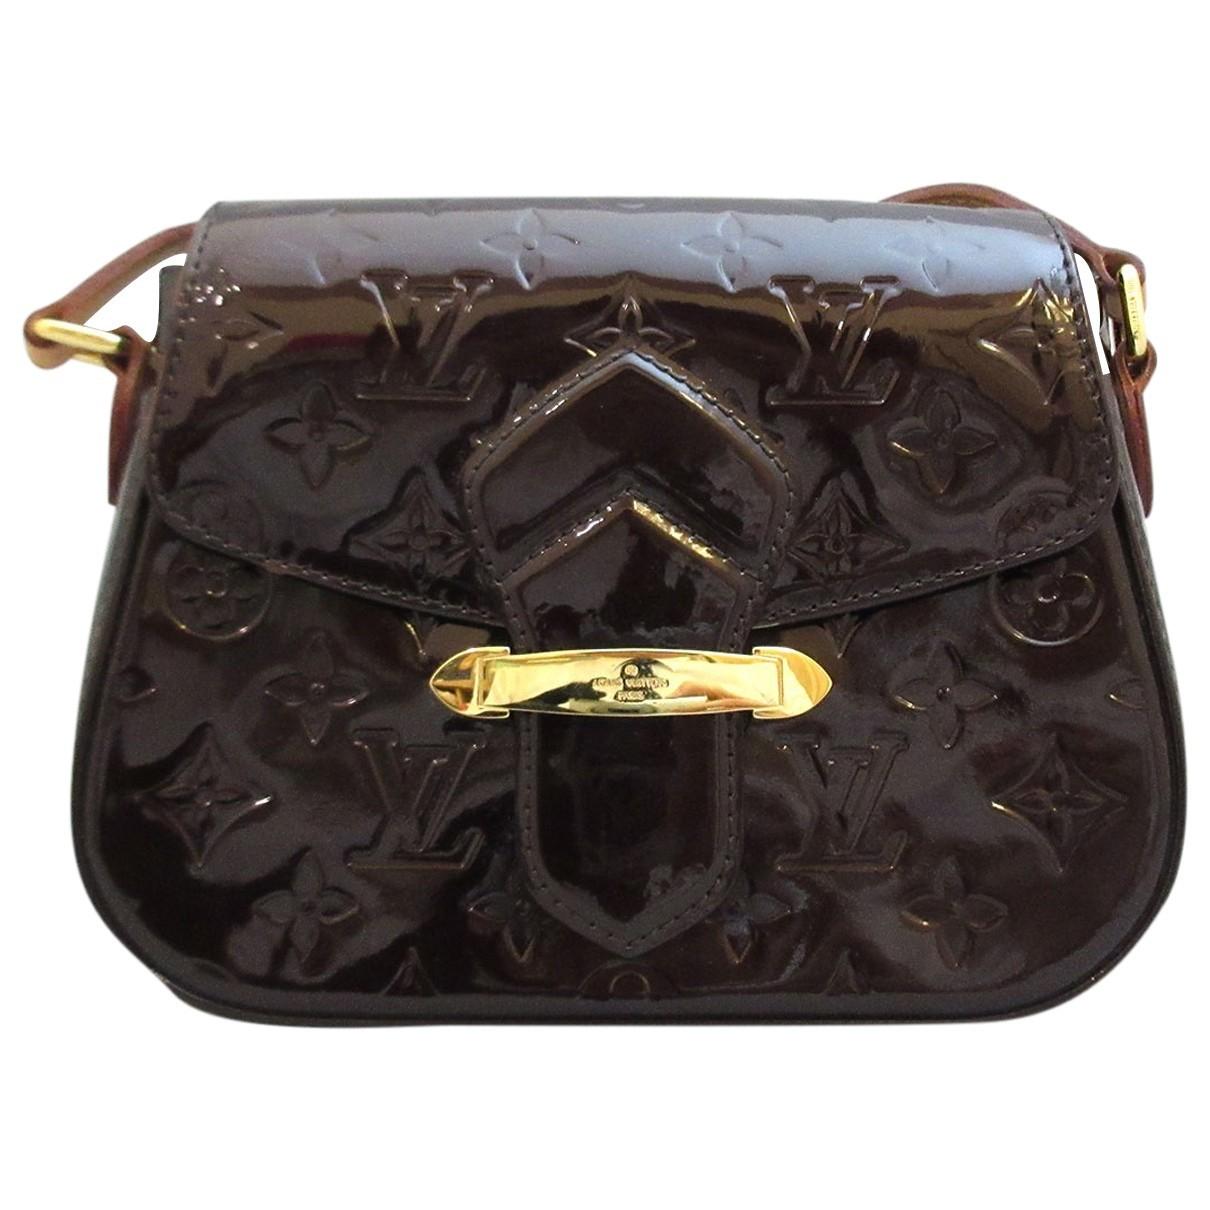 Louis Vuitton - Sac a main   pour femme en cuir verni - gris